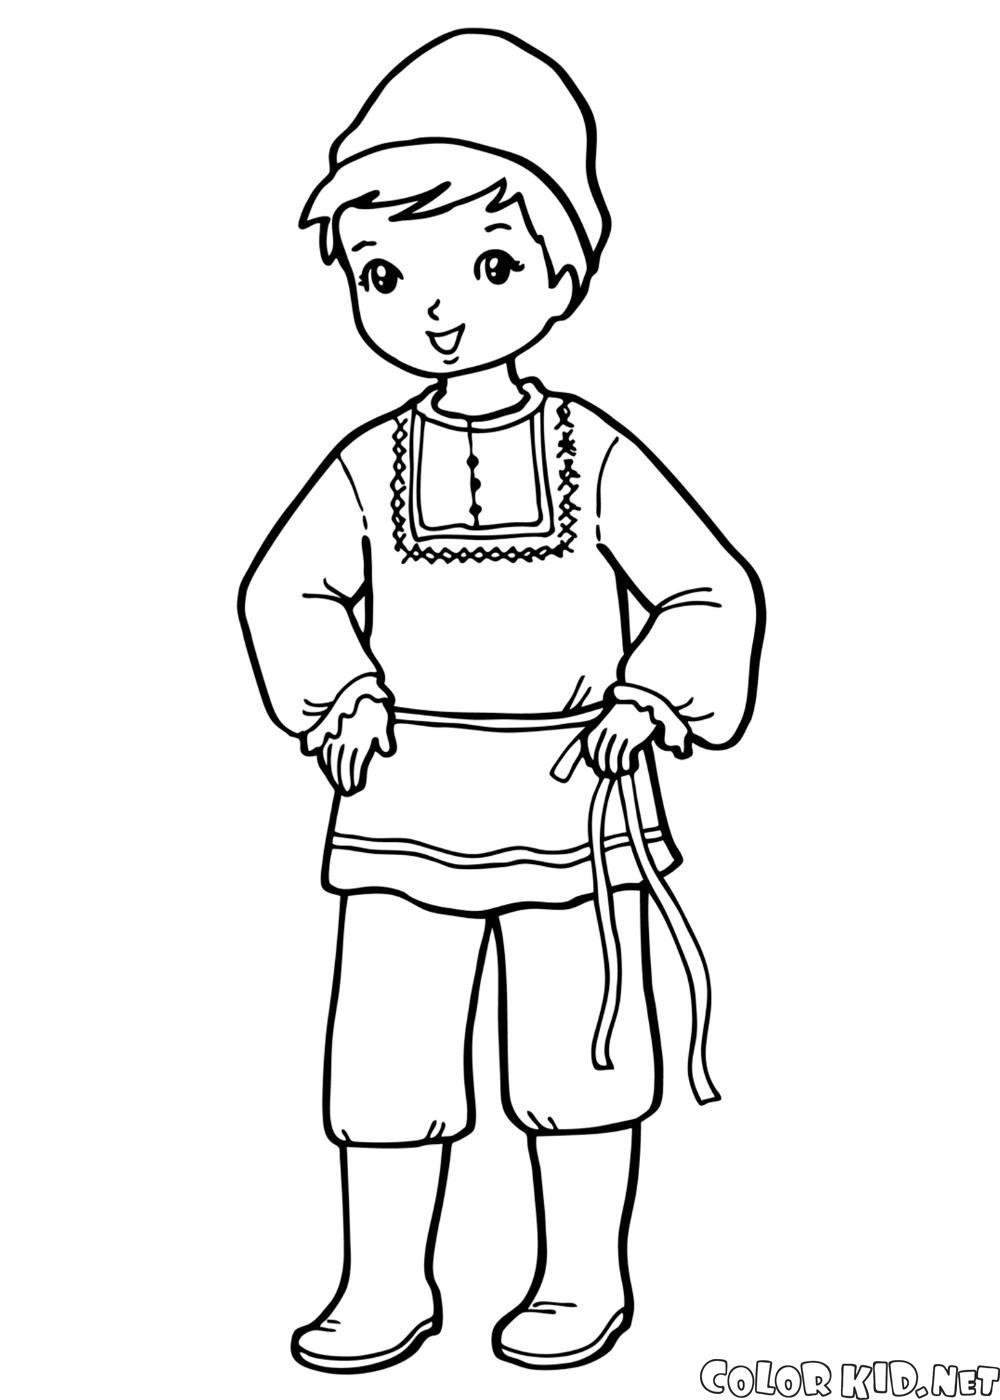 Boyama Sayfası Ulusal Kostüm çocuk